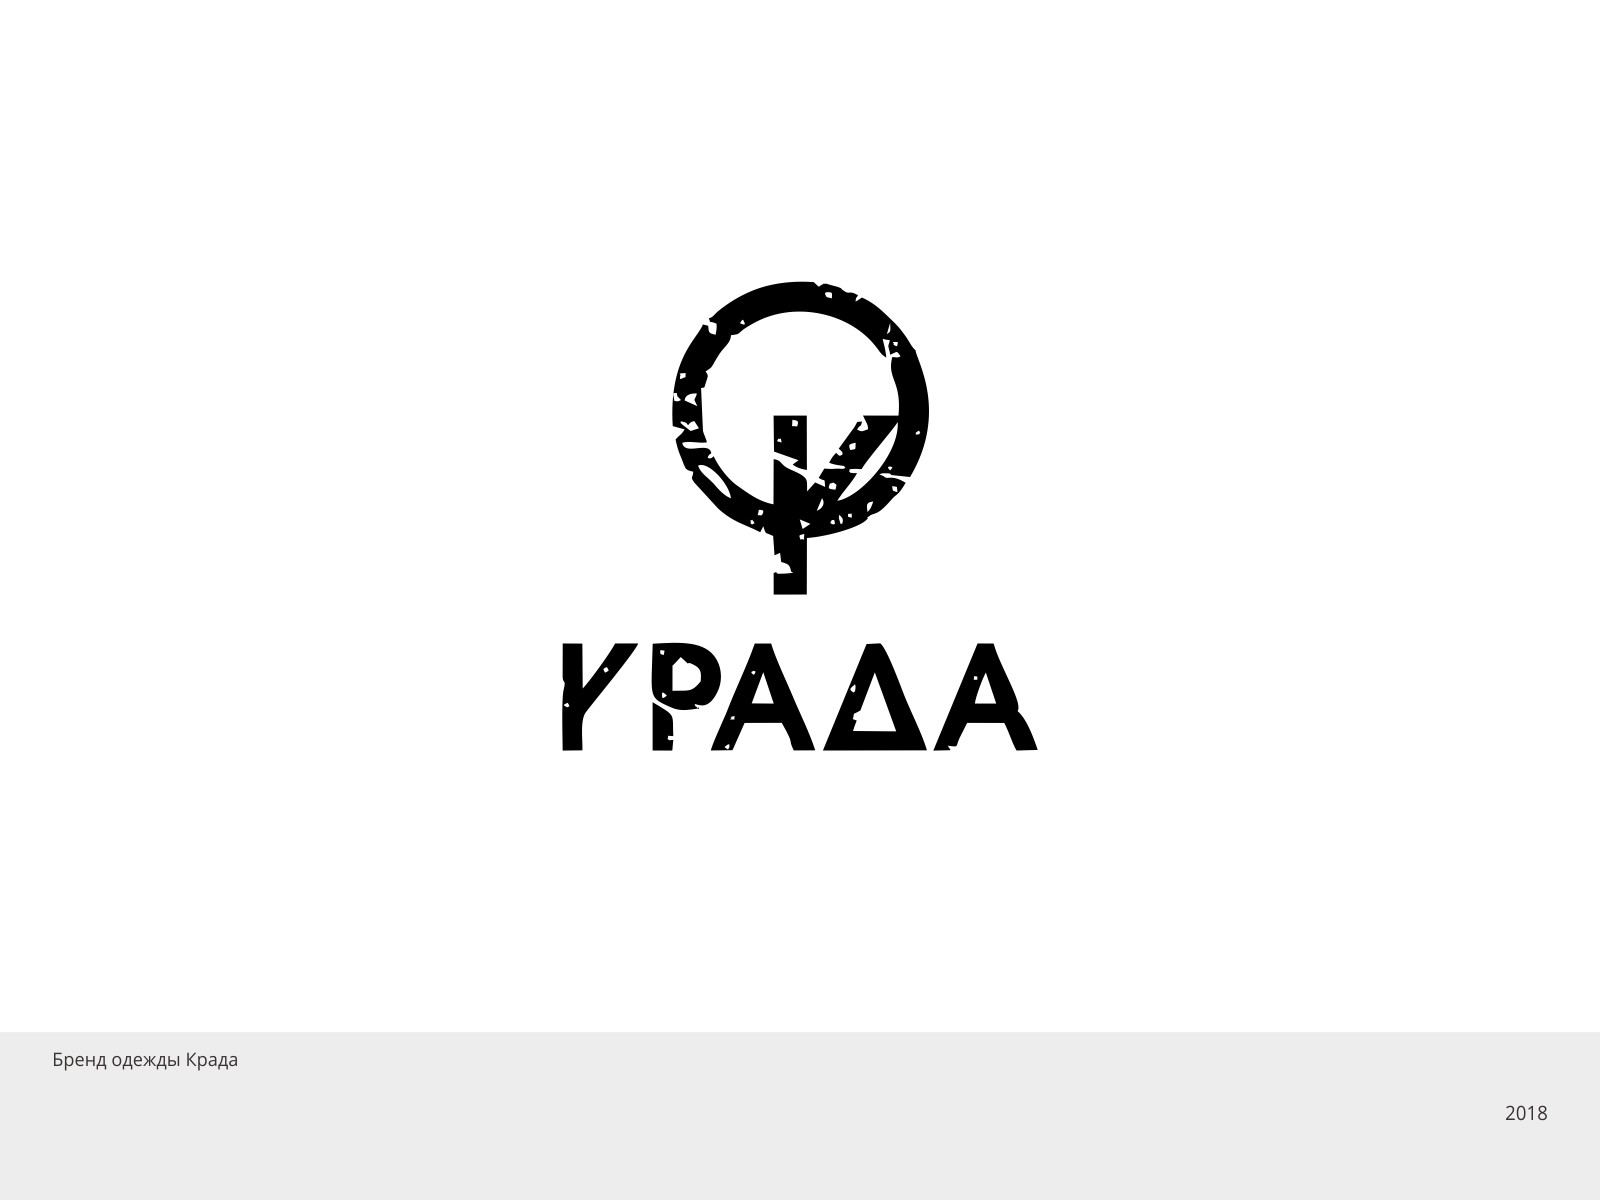 Логотип Крада